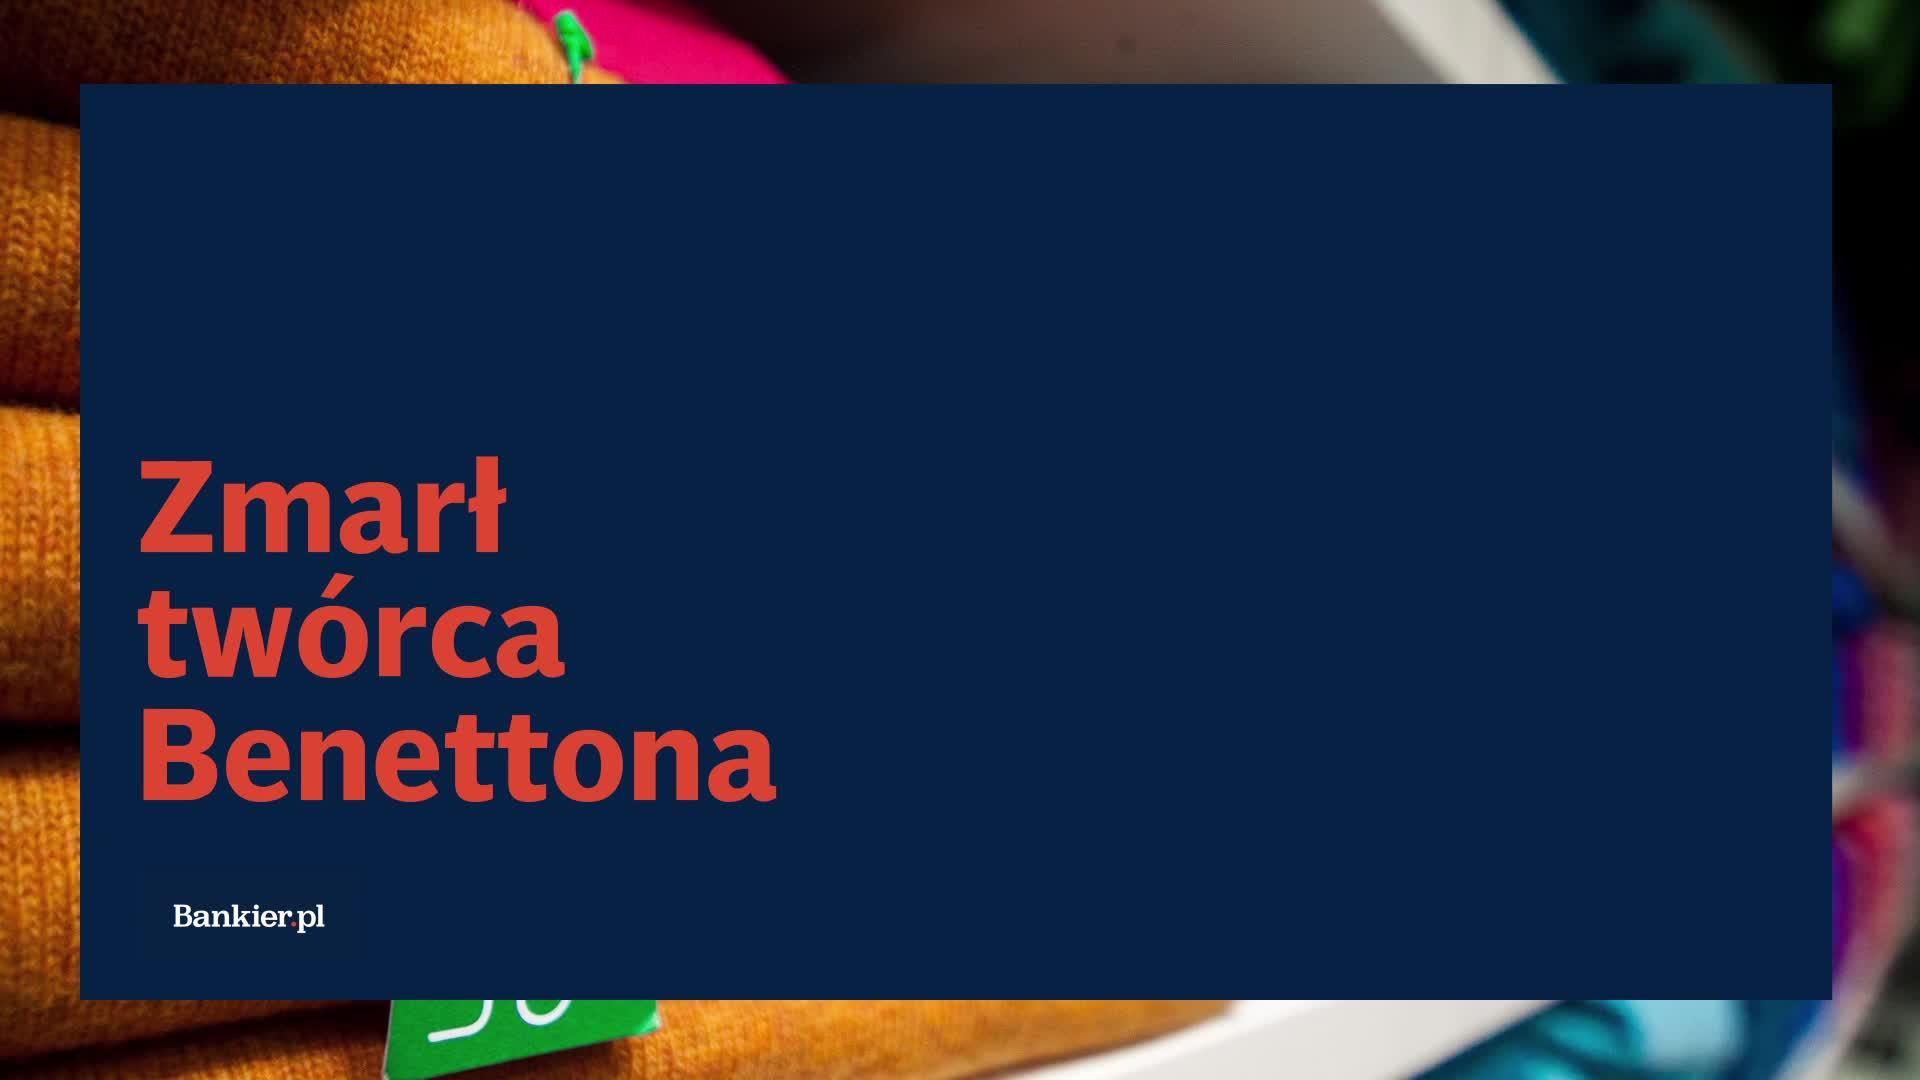 Zmarł twórca Benettona